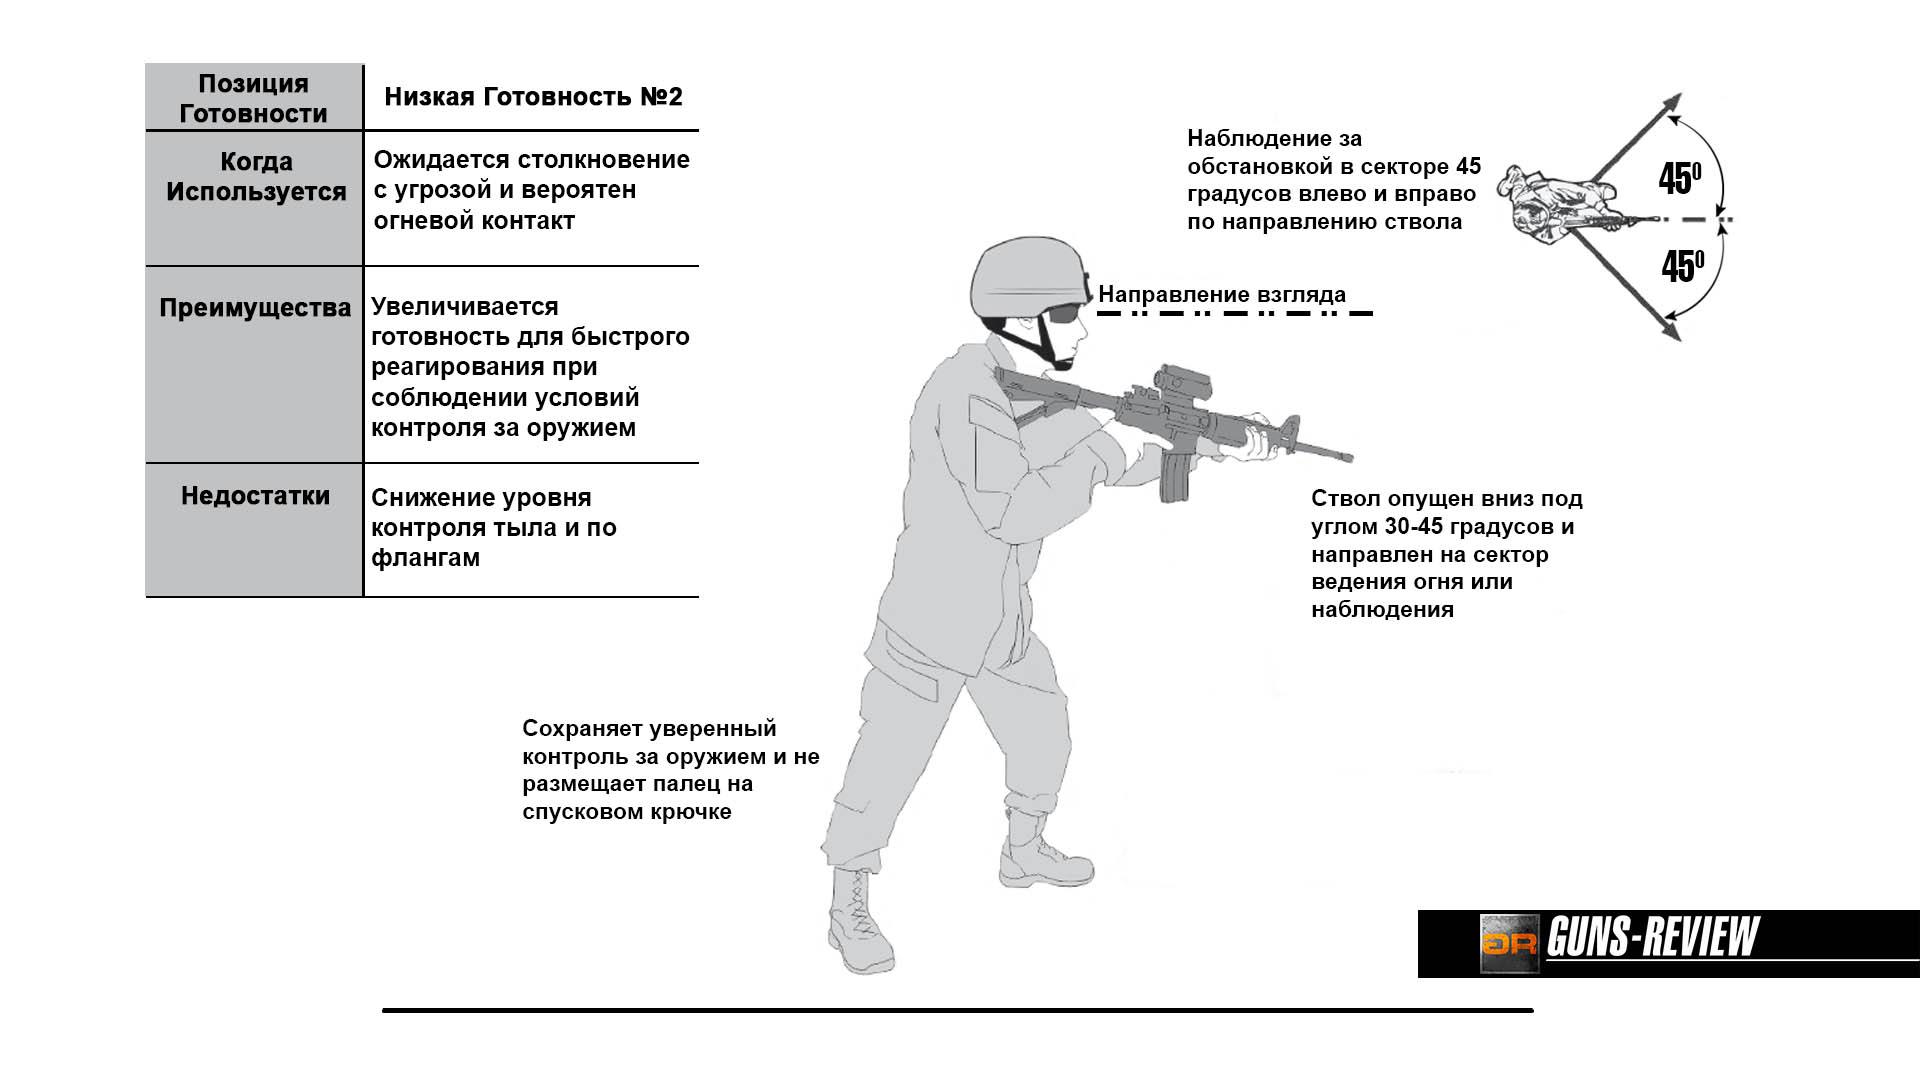 Схема и особенности Позиции с низкой готовностью / US ARMY Rifle and Carbine, 2016. Перевод и адаптация Guns-Review.com